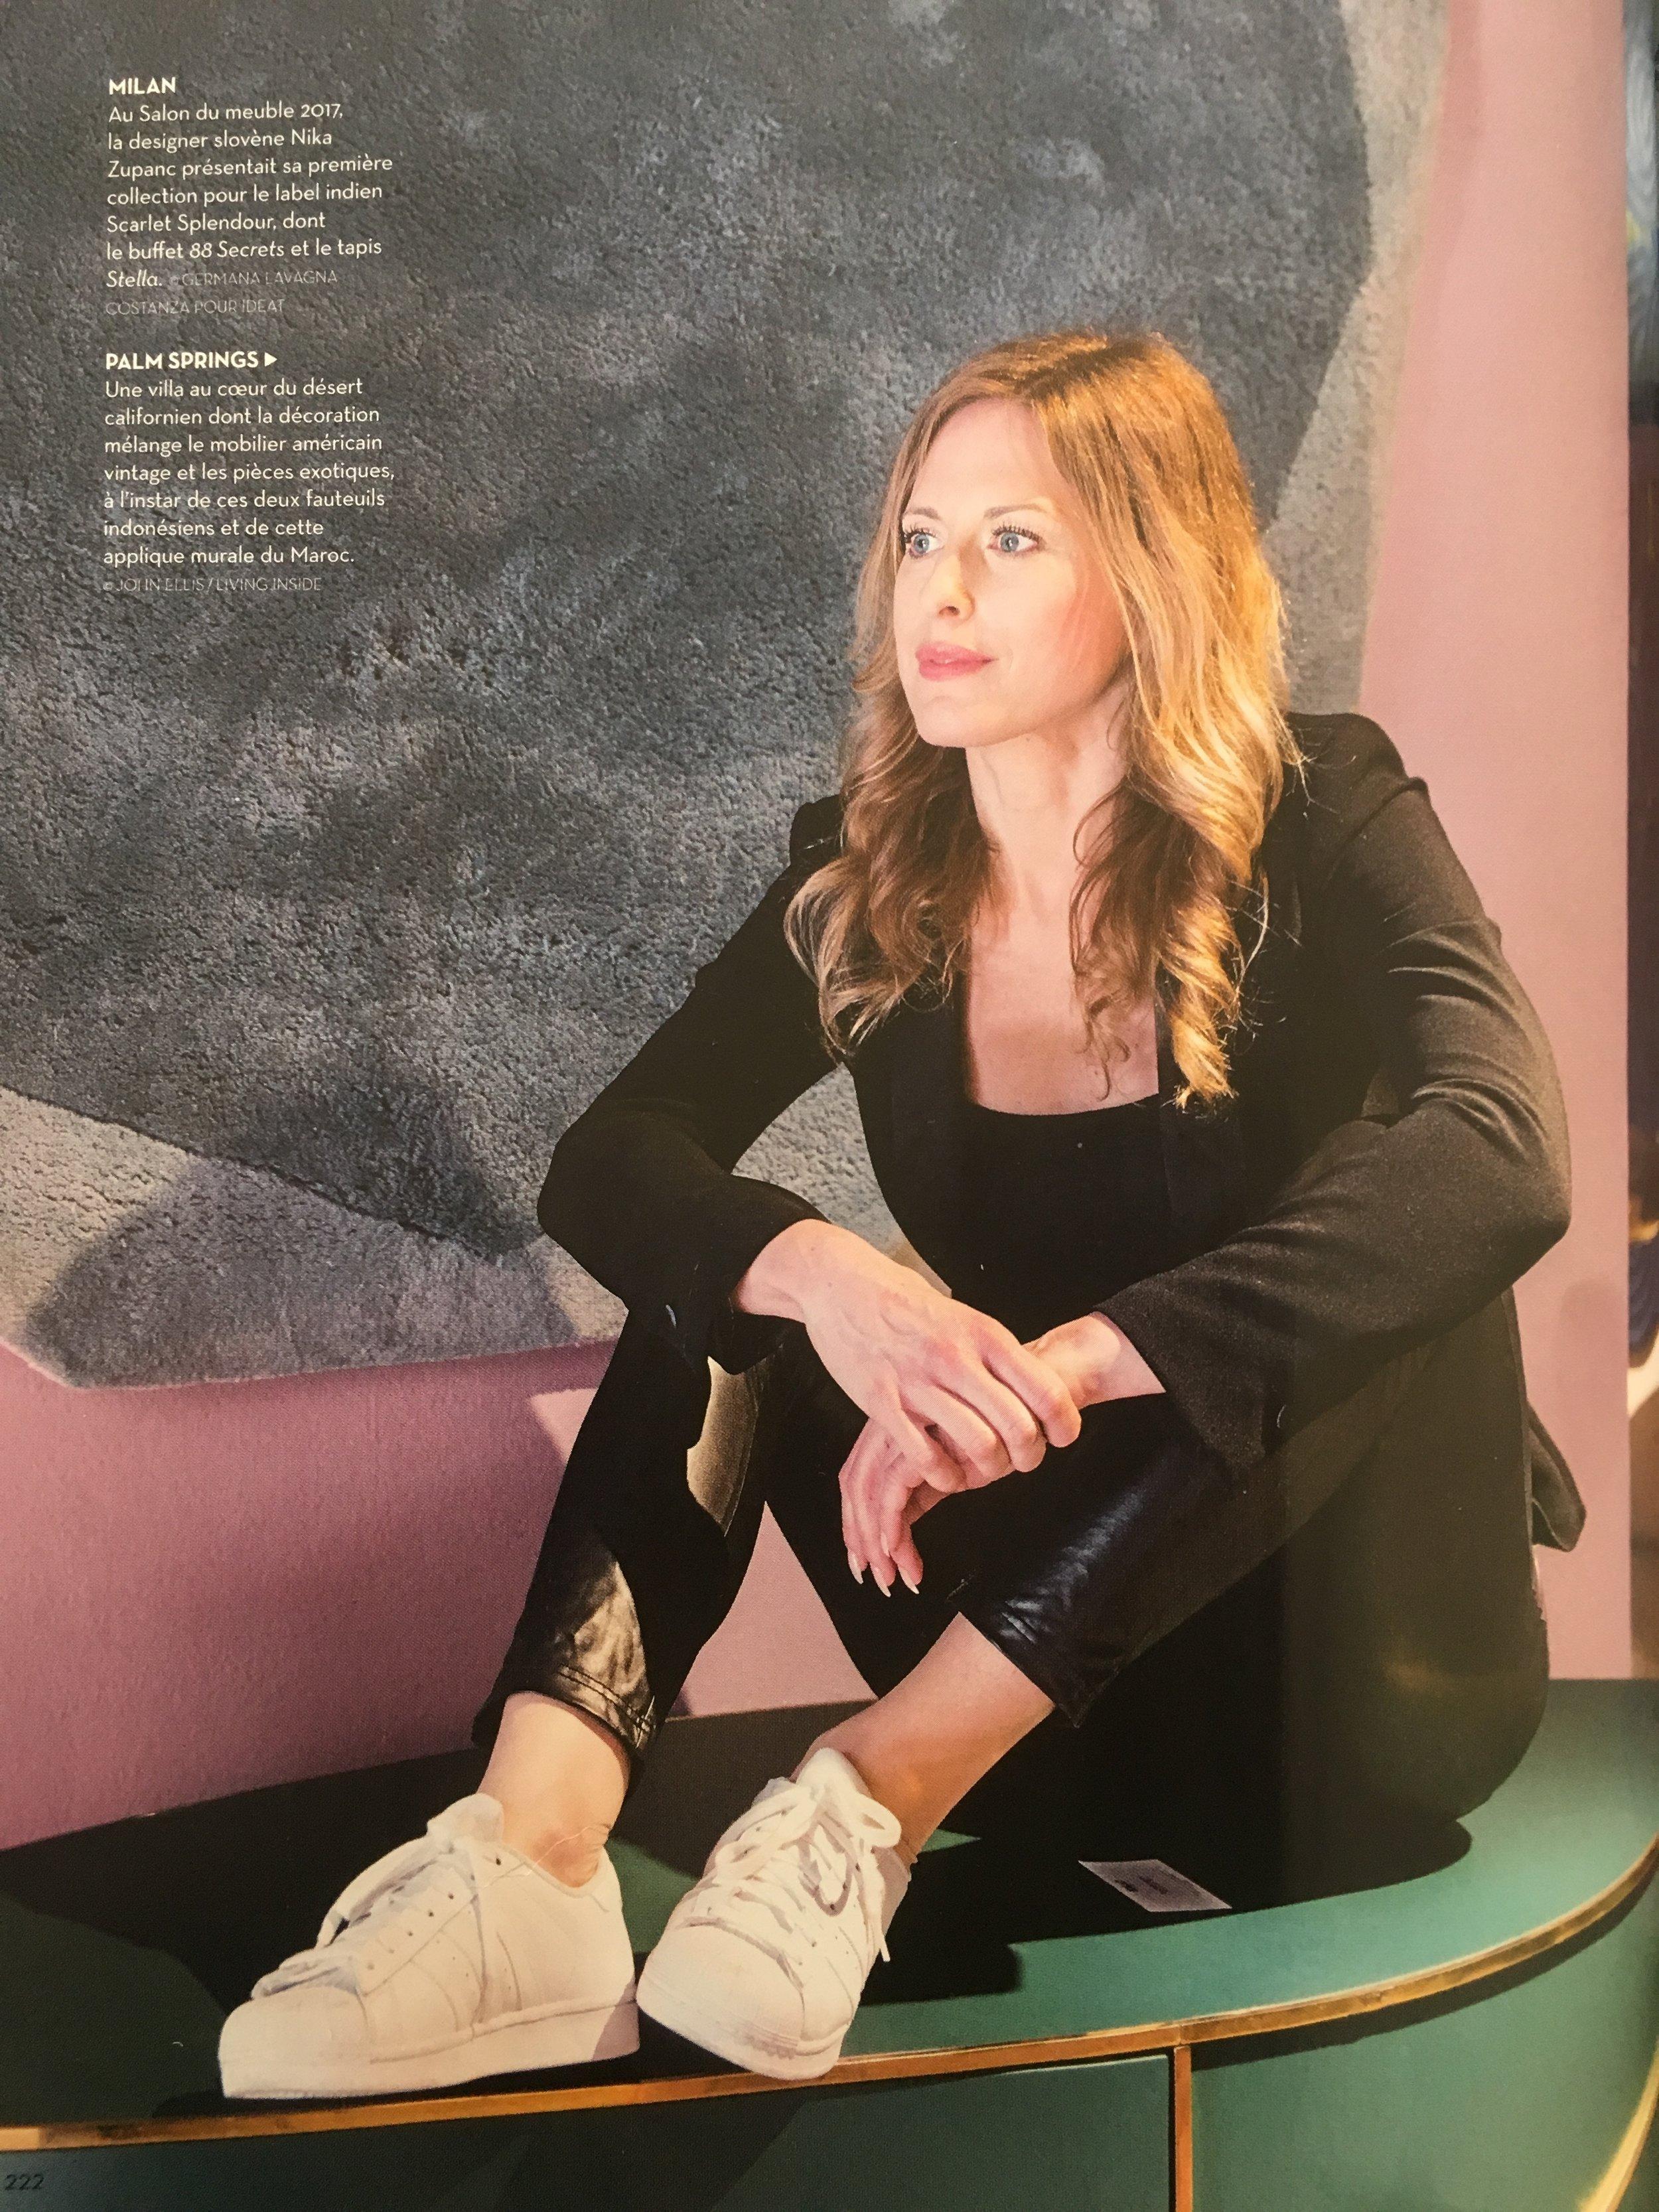 Ideat Magazine, France 2019